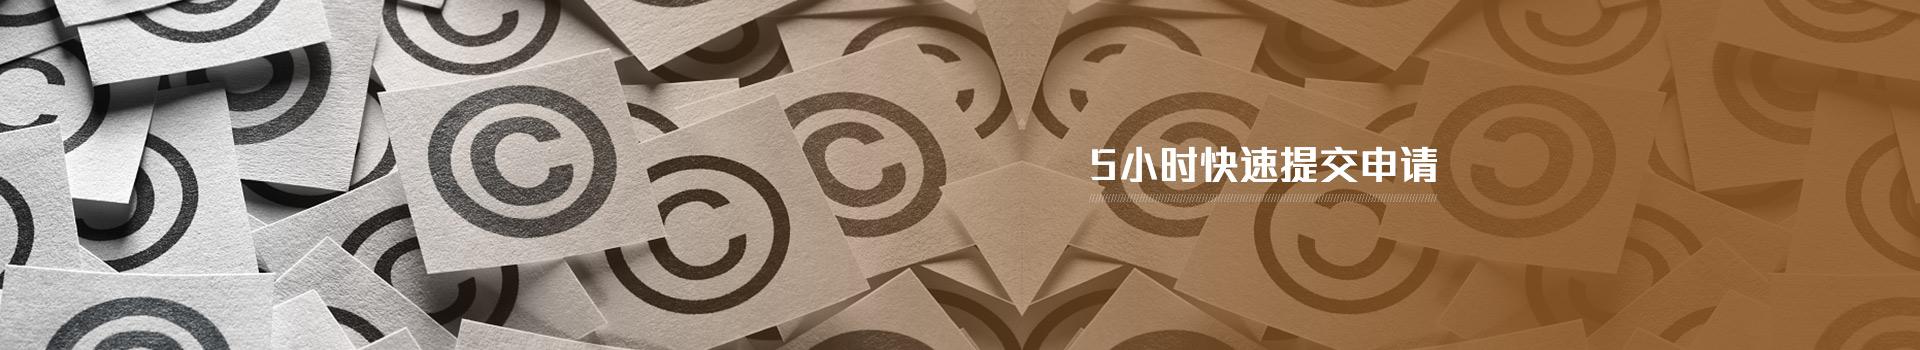 知识产权商标注册-5小时快速提交申请,不通过退全款